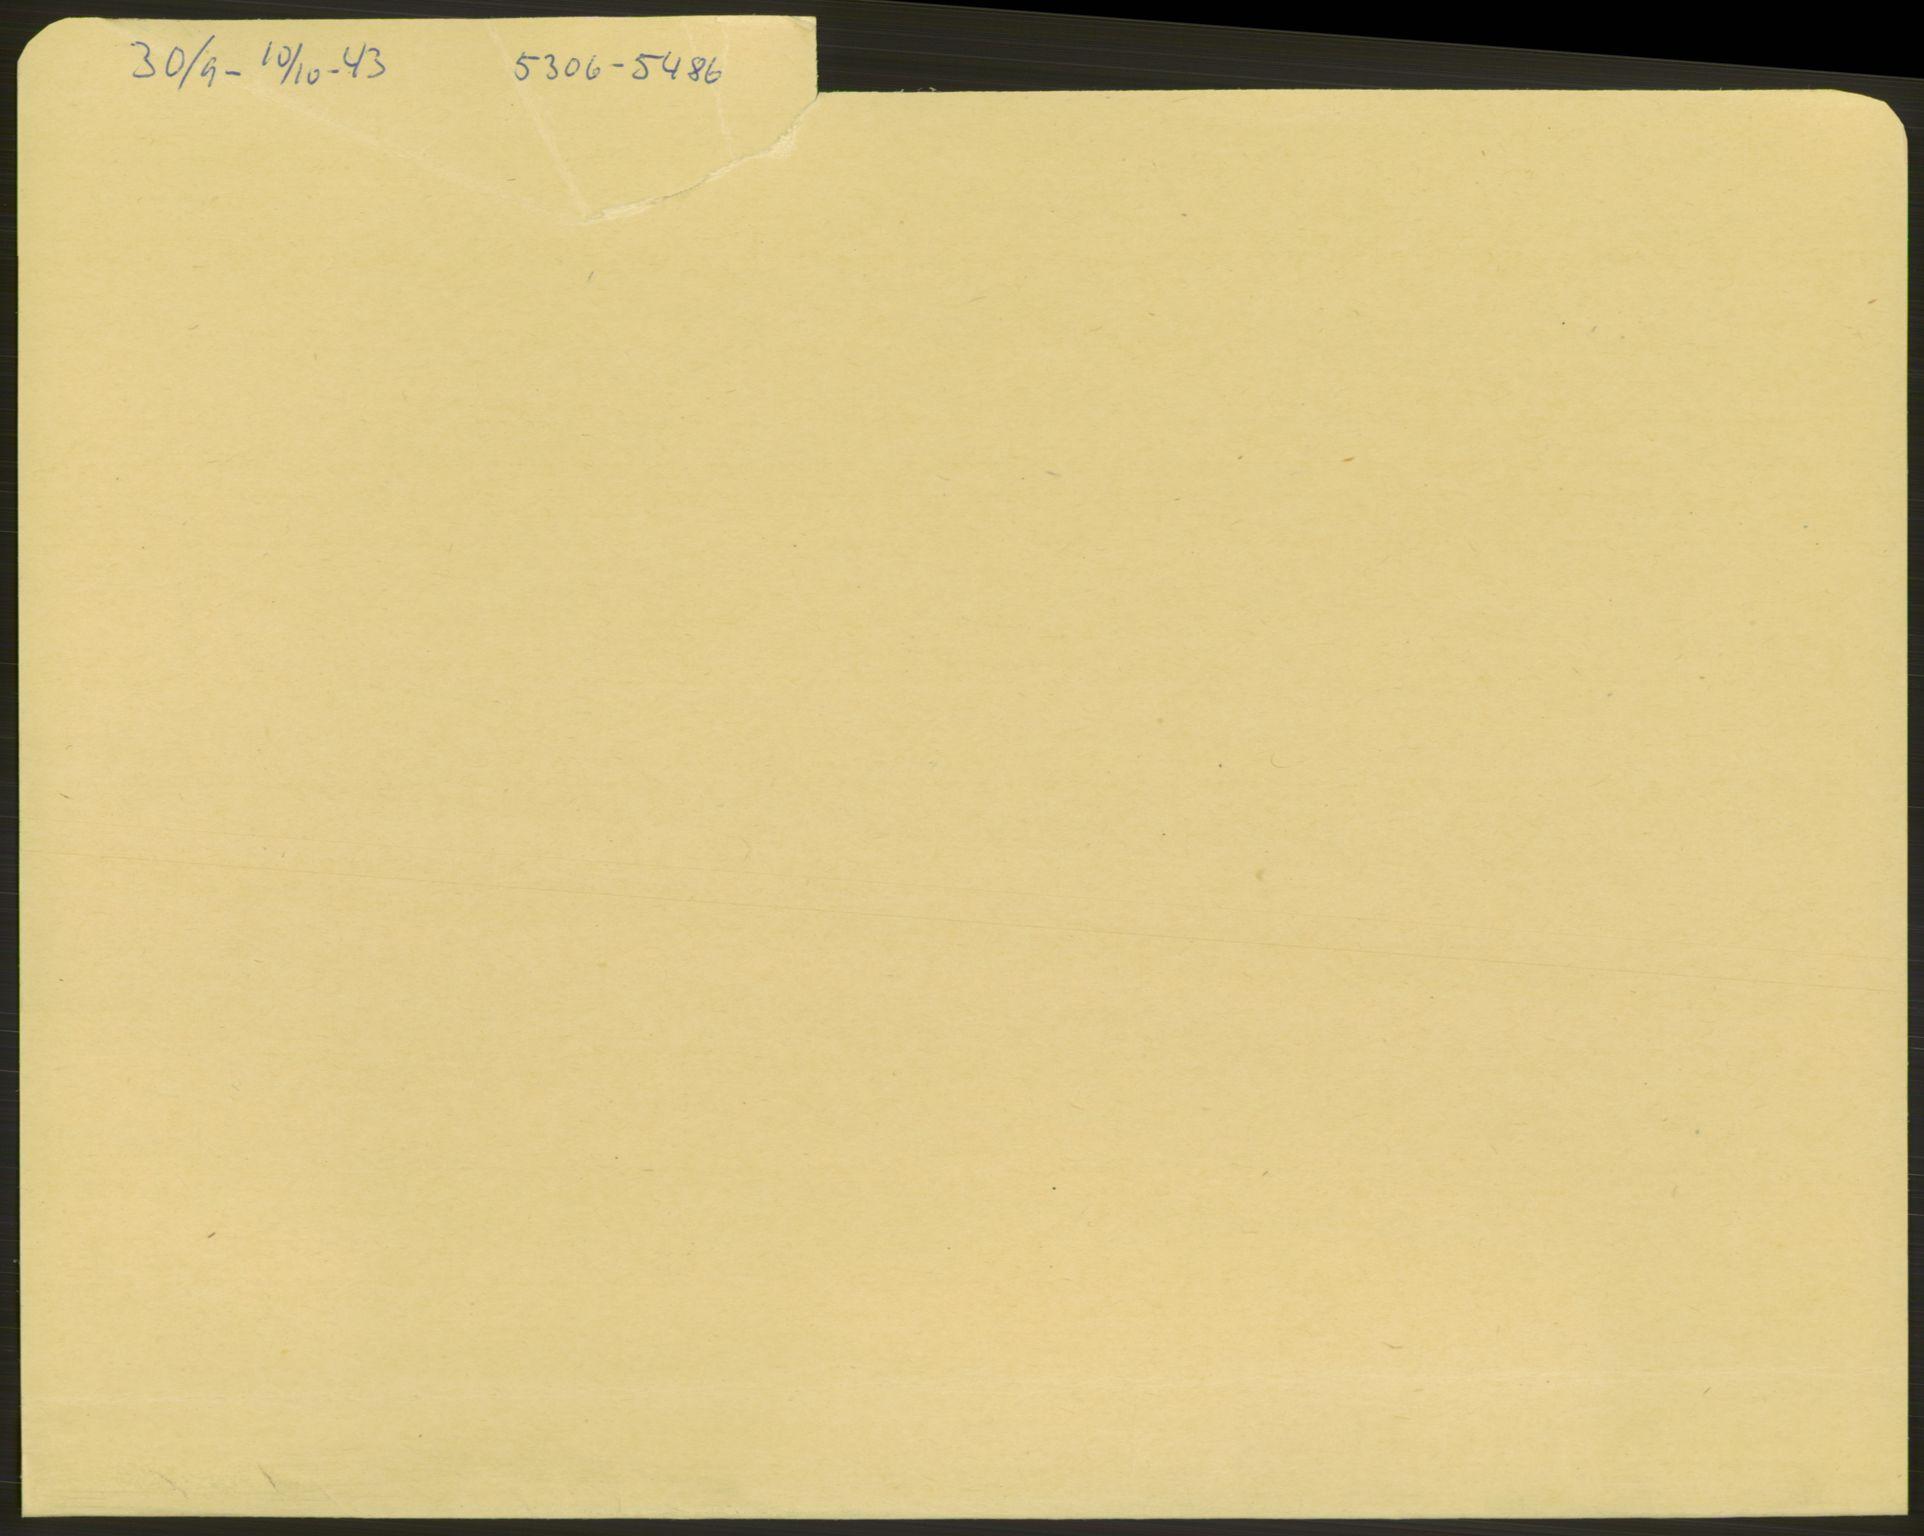 RA, Befehlshaber der Sicherheitspolizei und des SD, E/Ea/Eae/L0002: Einlieferungsschein 5110-5800, 1943